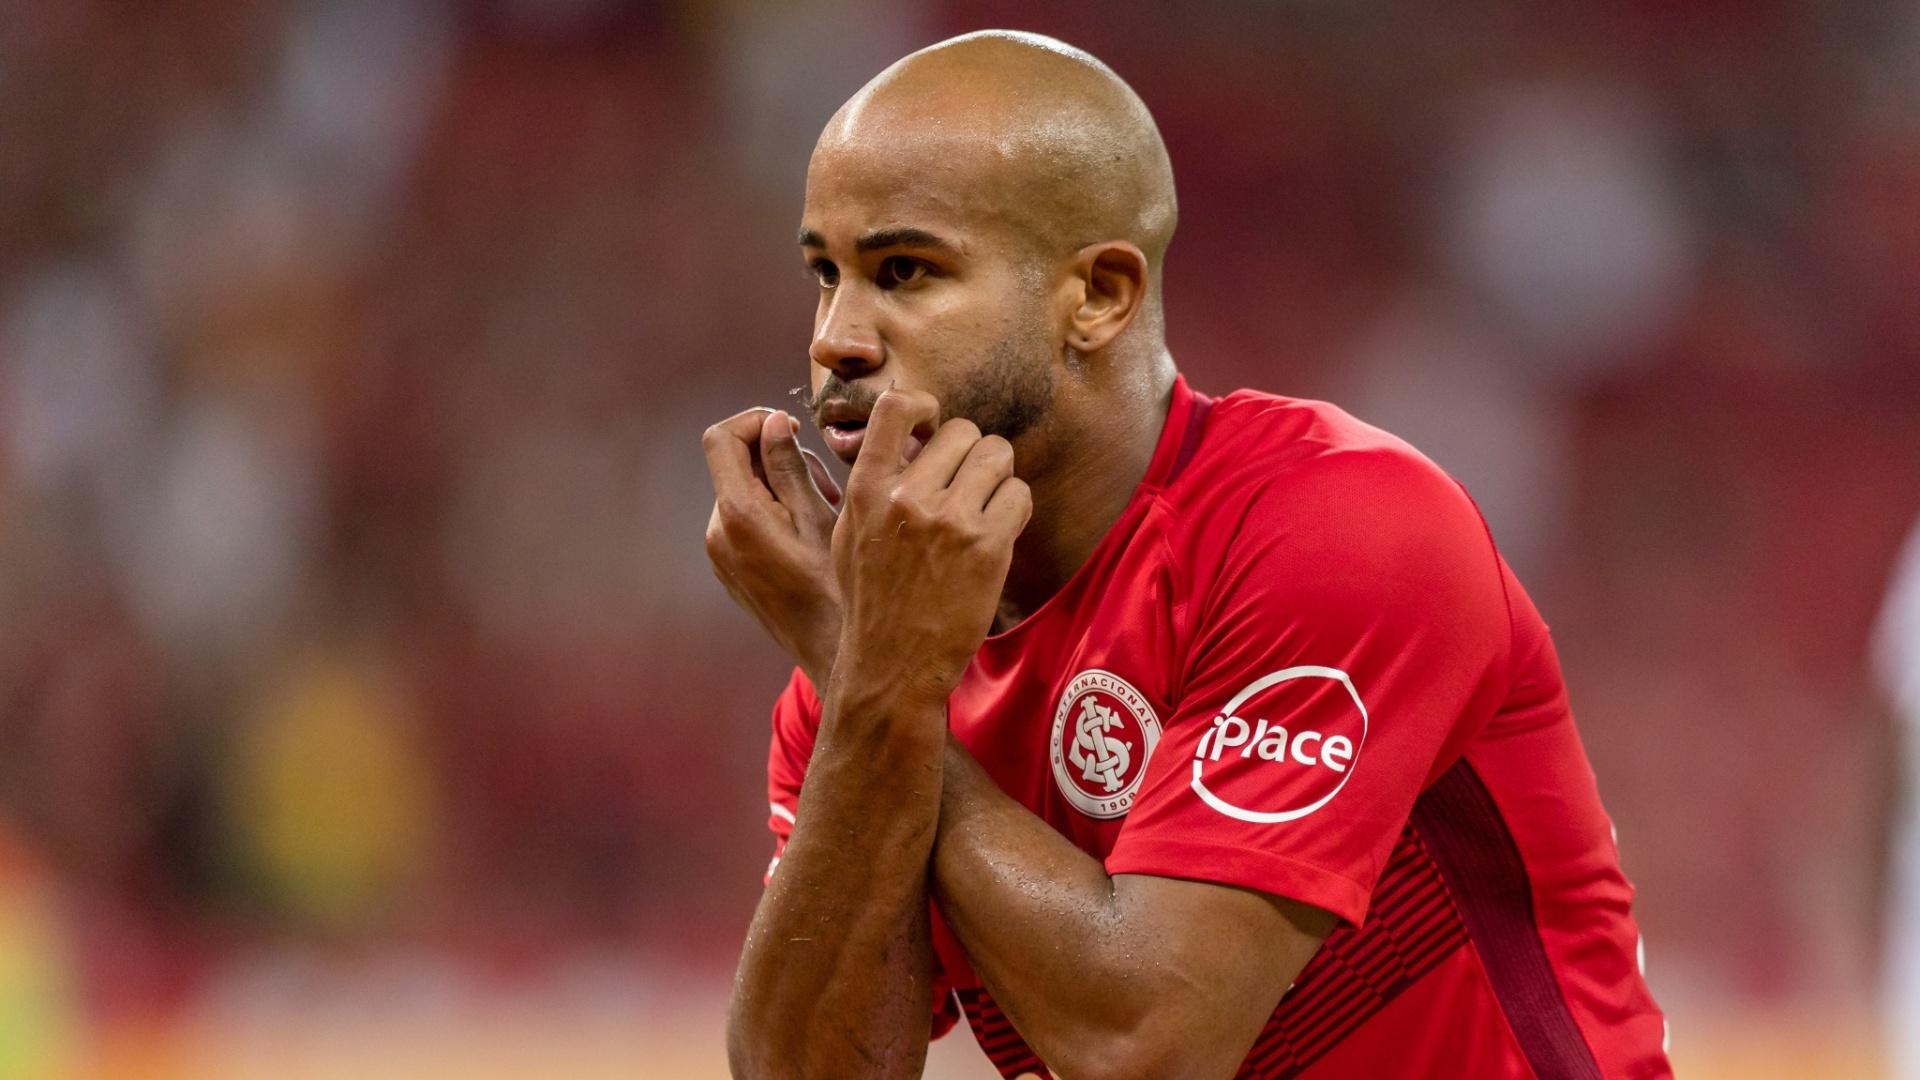 Patrick comemora o gol do Internacional diante do Vitória, pela Copa do Brasil